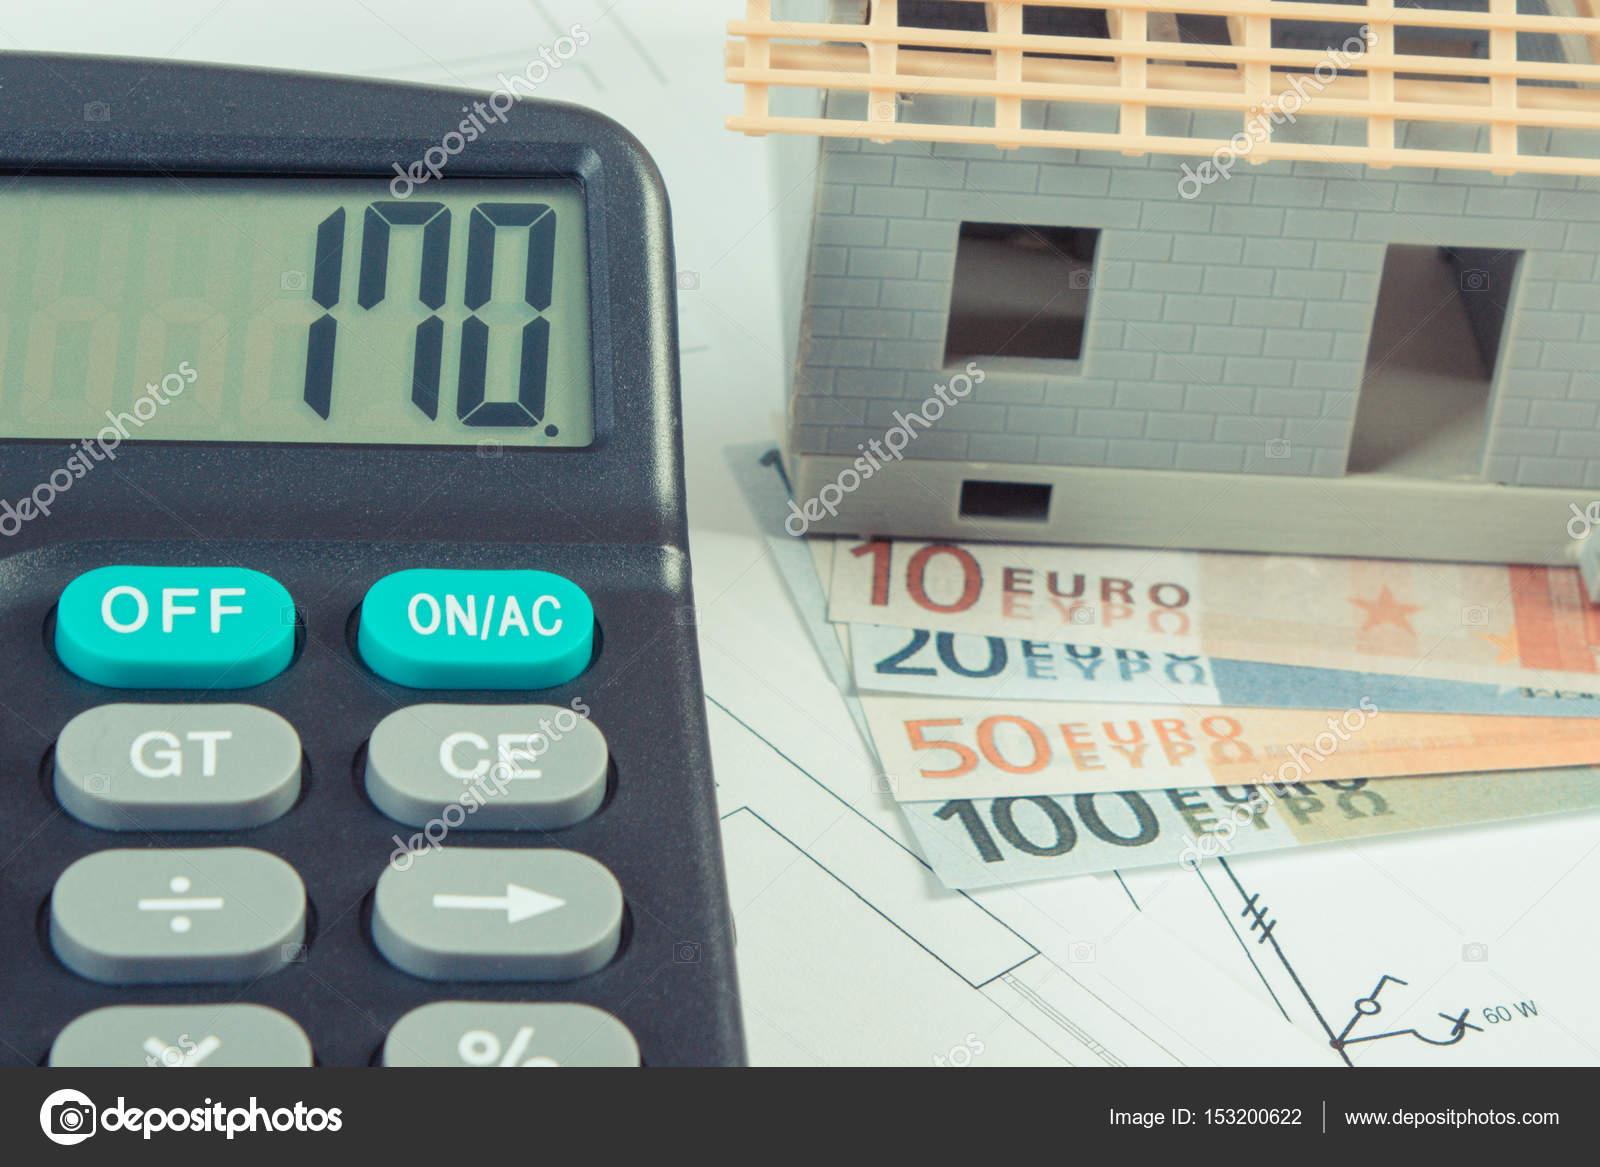 Haus Im Bau, Taschenrechner Und Währungen Euro Auf Elektrische Zeichnungen  Und Diagramme U2014 Stockfoto